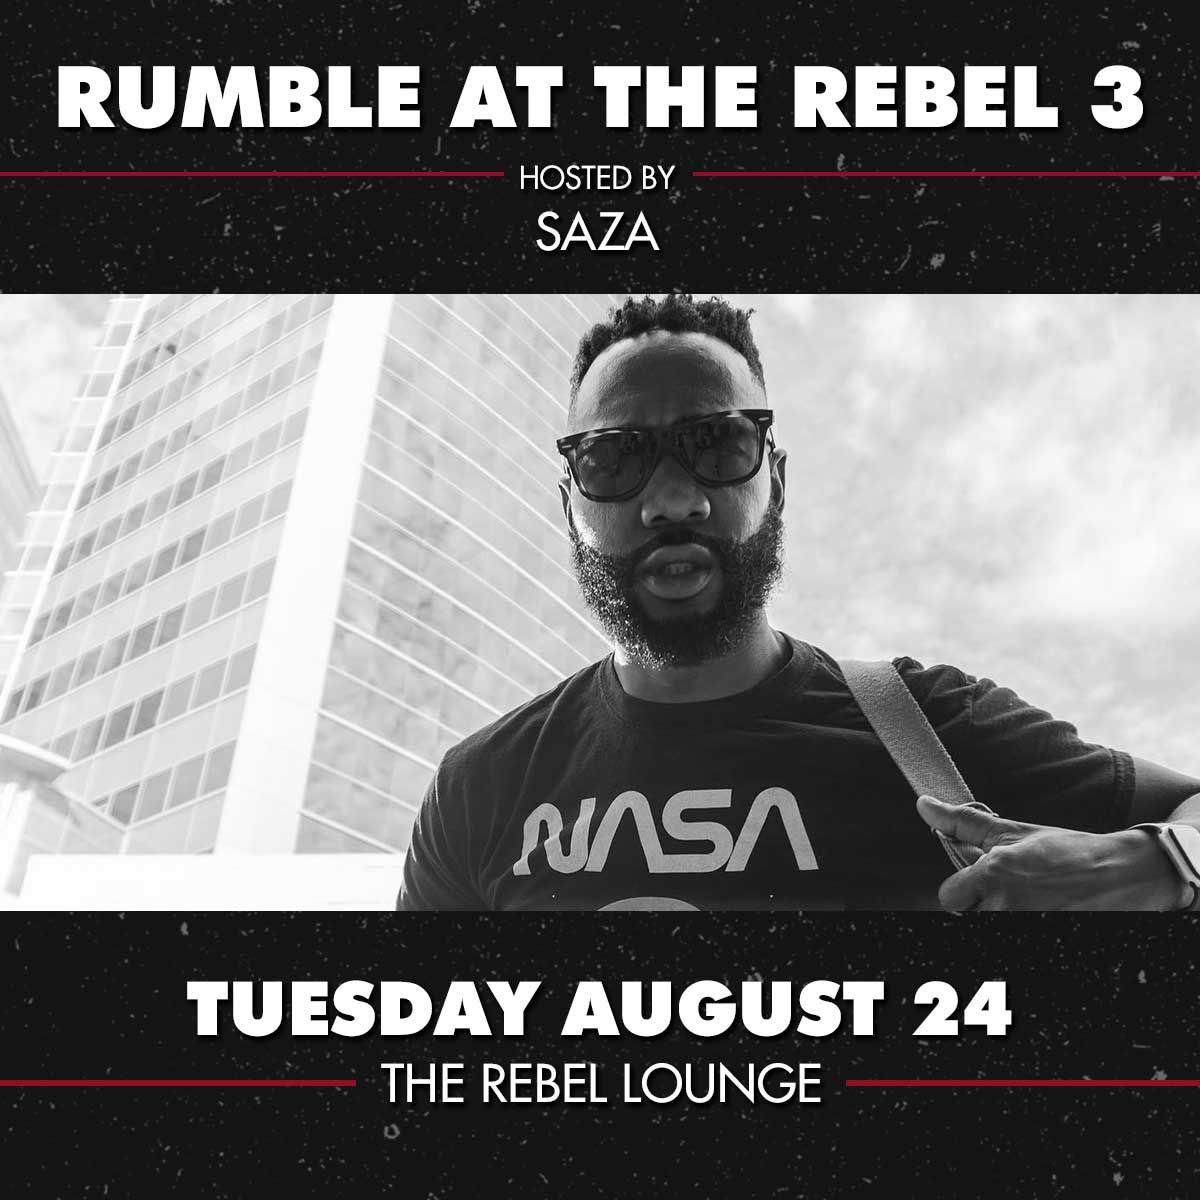 RUMBLE AT THE REBEL 3: